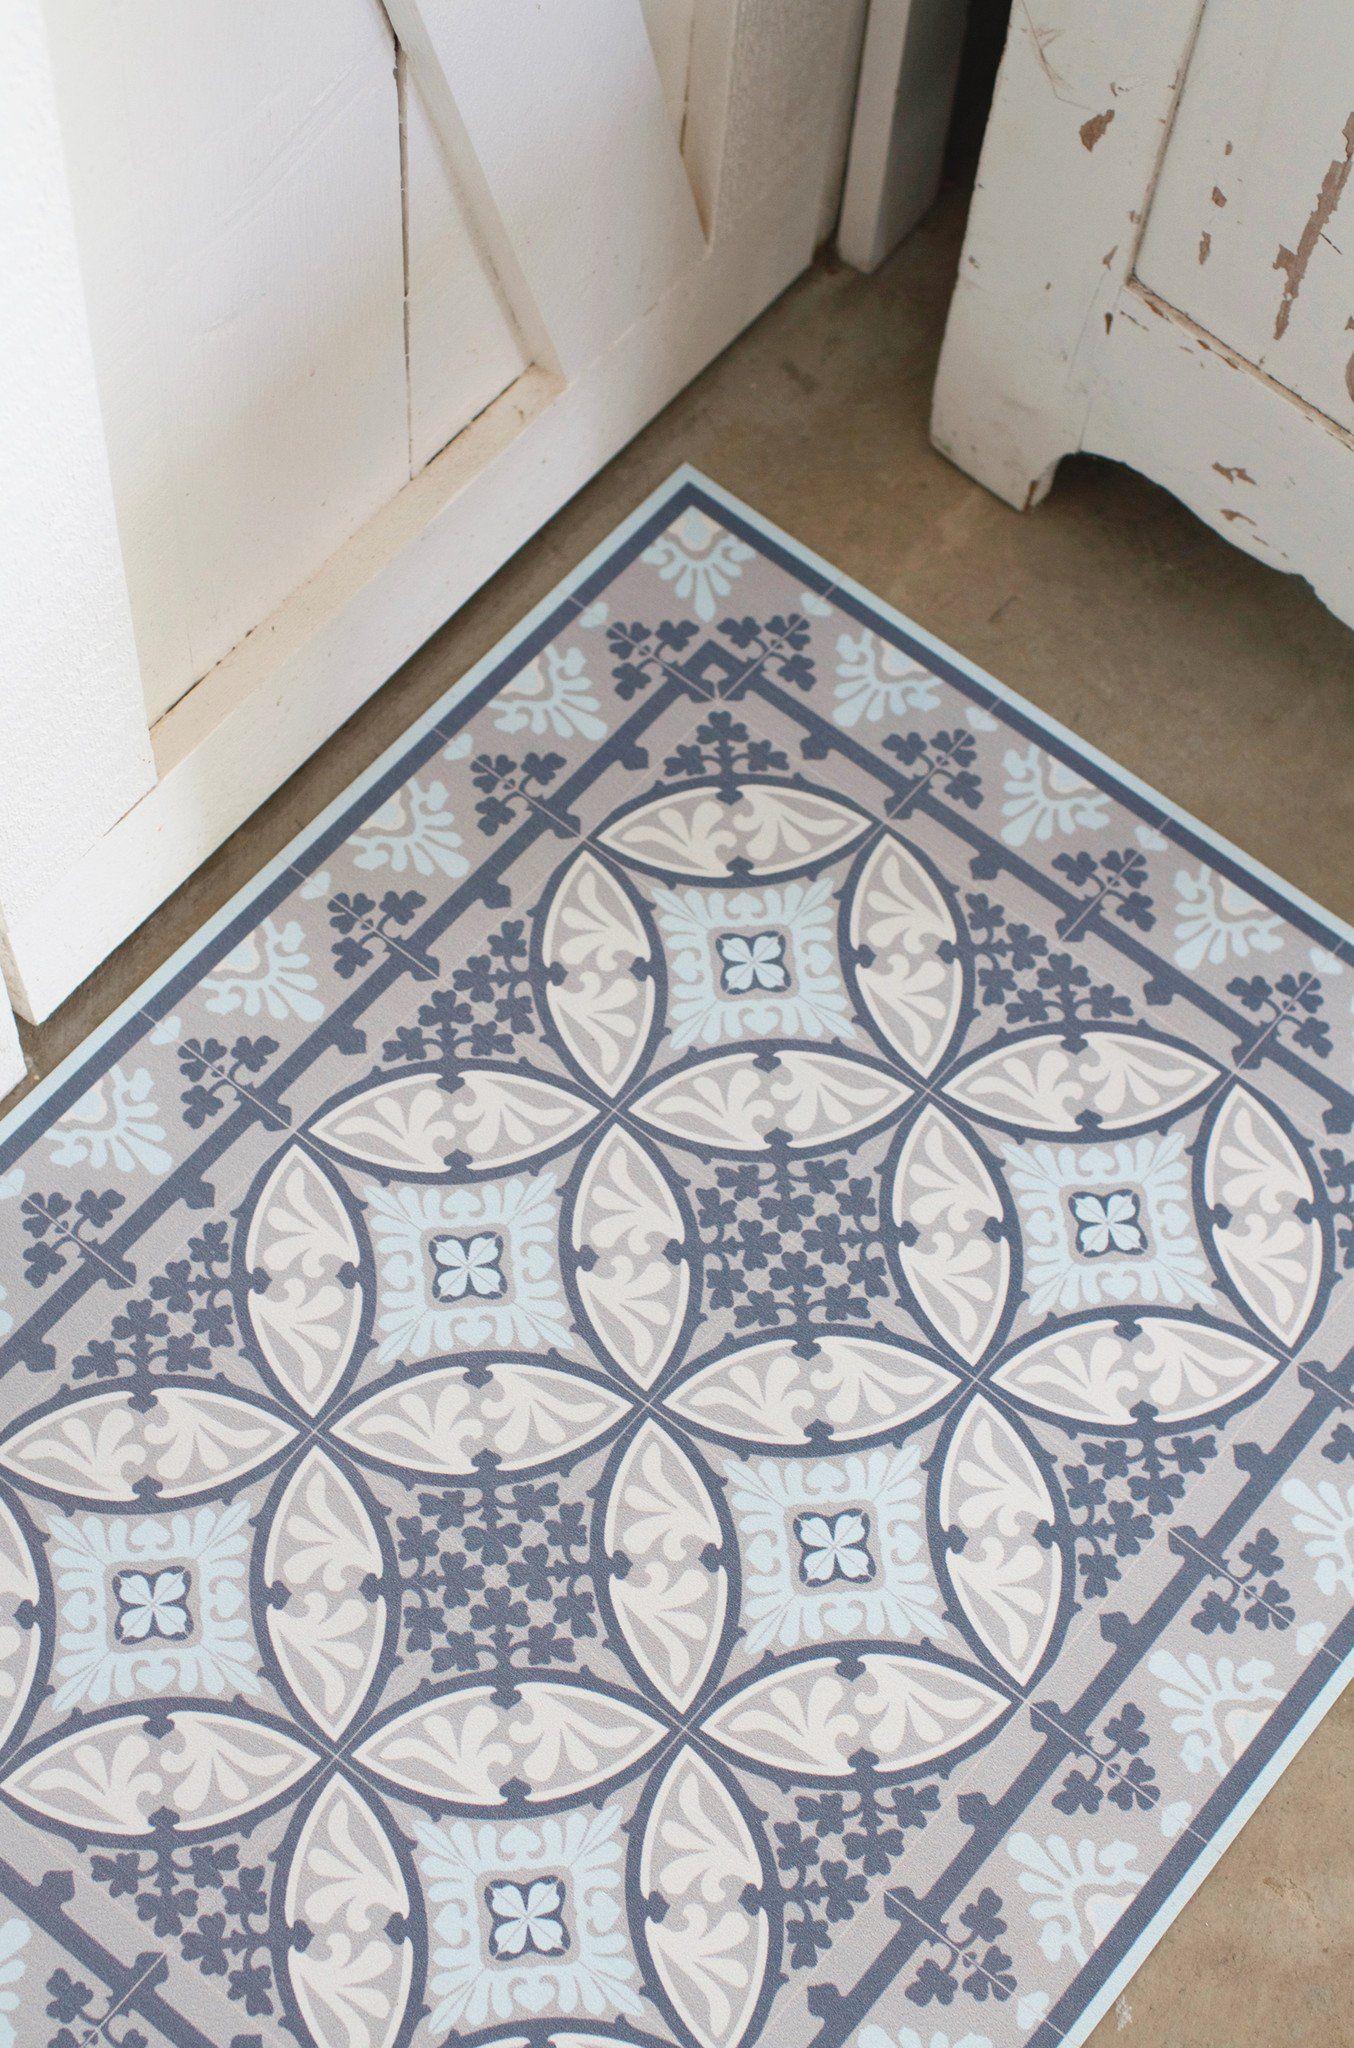 Moroccan tile vinyl floor mat